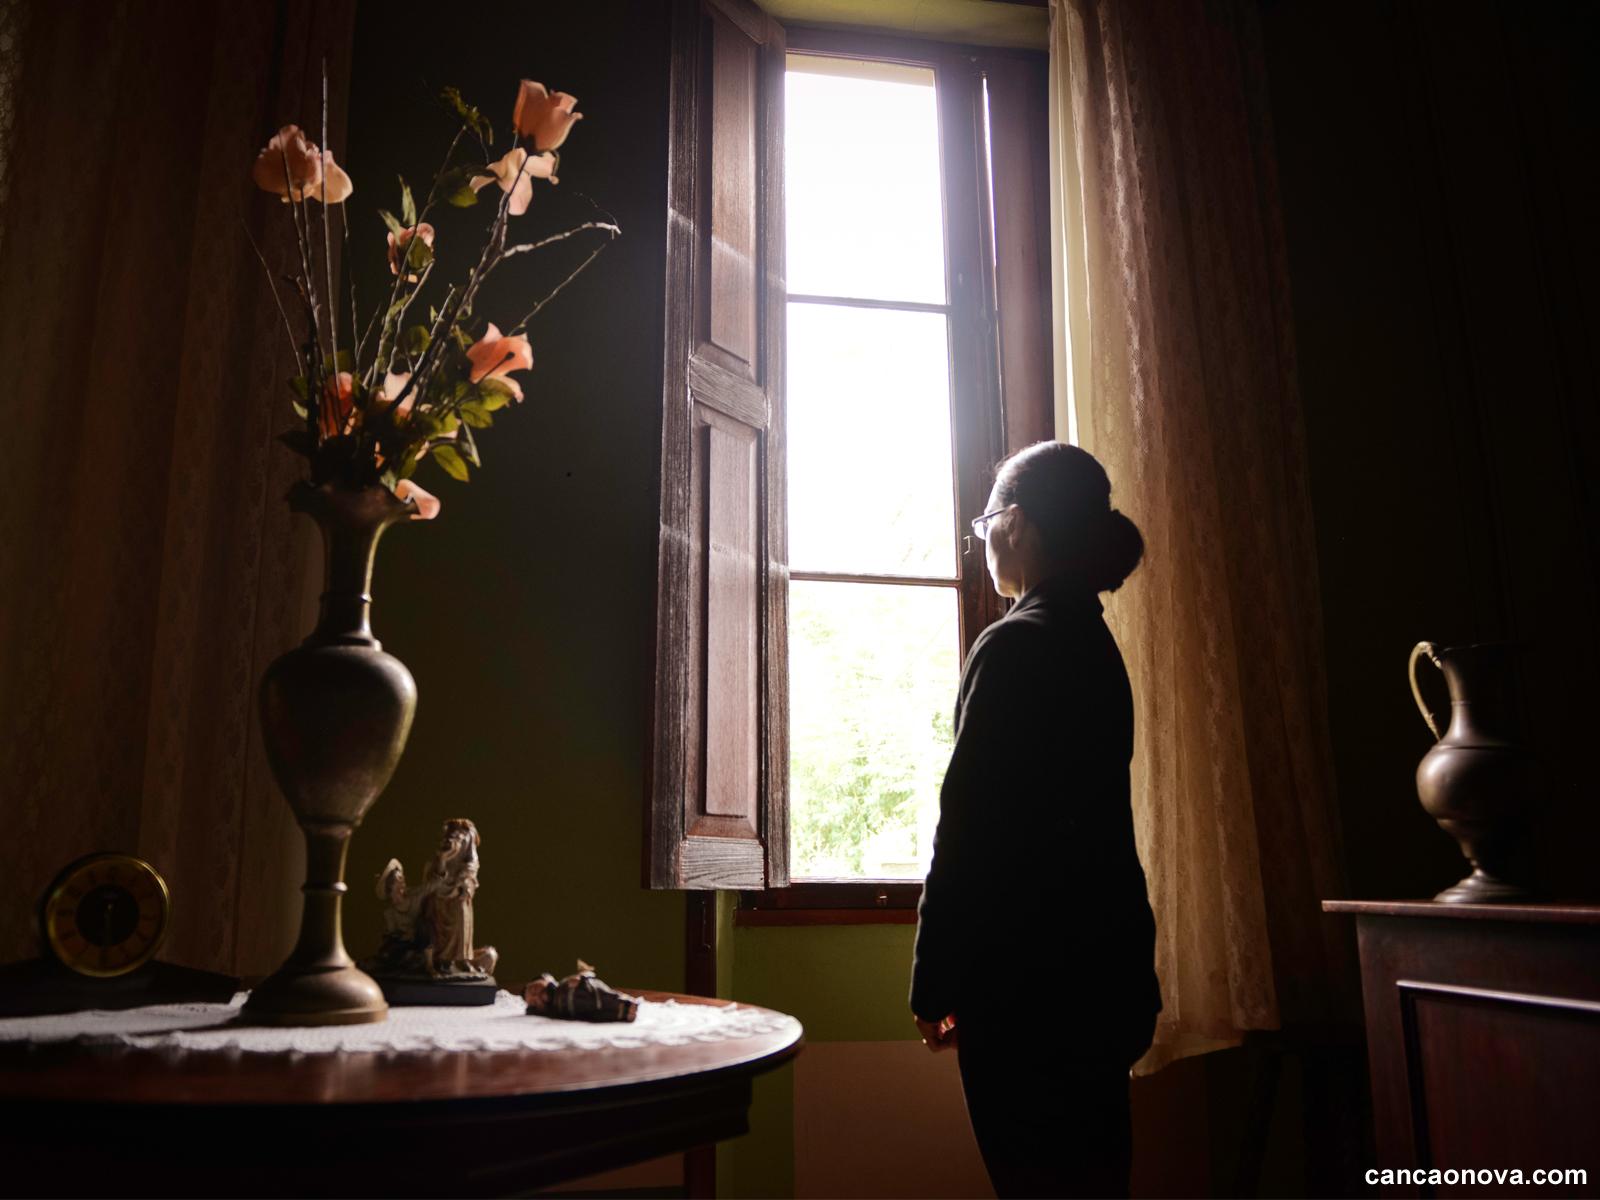 O Mundo Inteiro Espera A Resposta De Maria: Como Viver O Tempo De Espera Com Paciência?